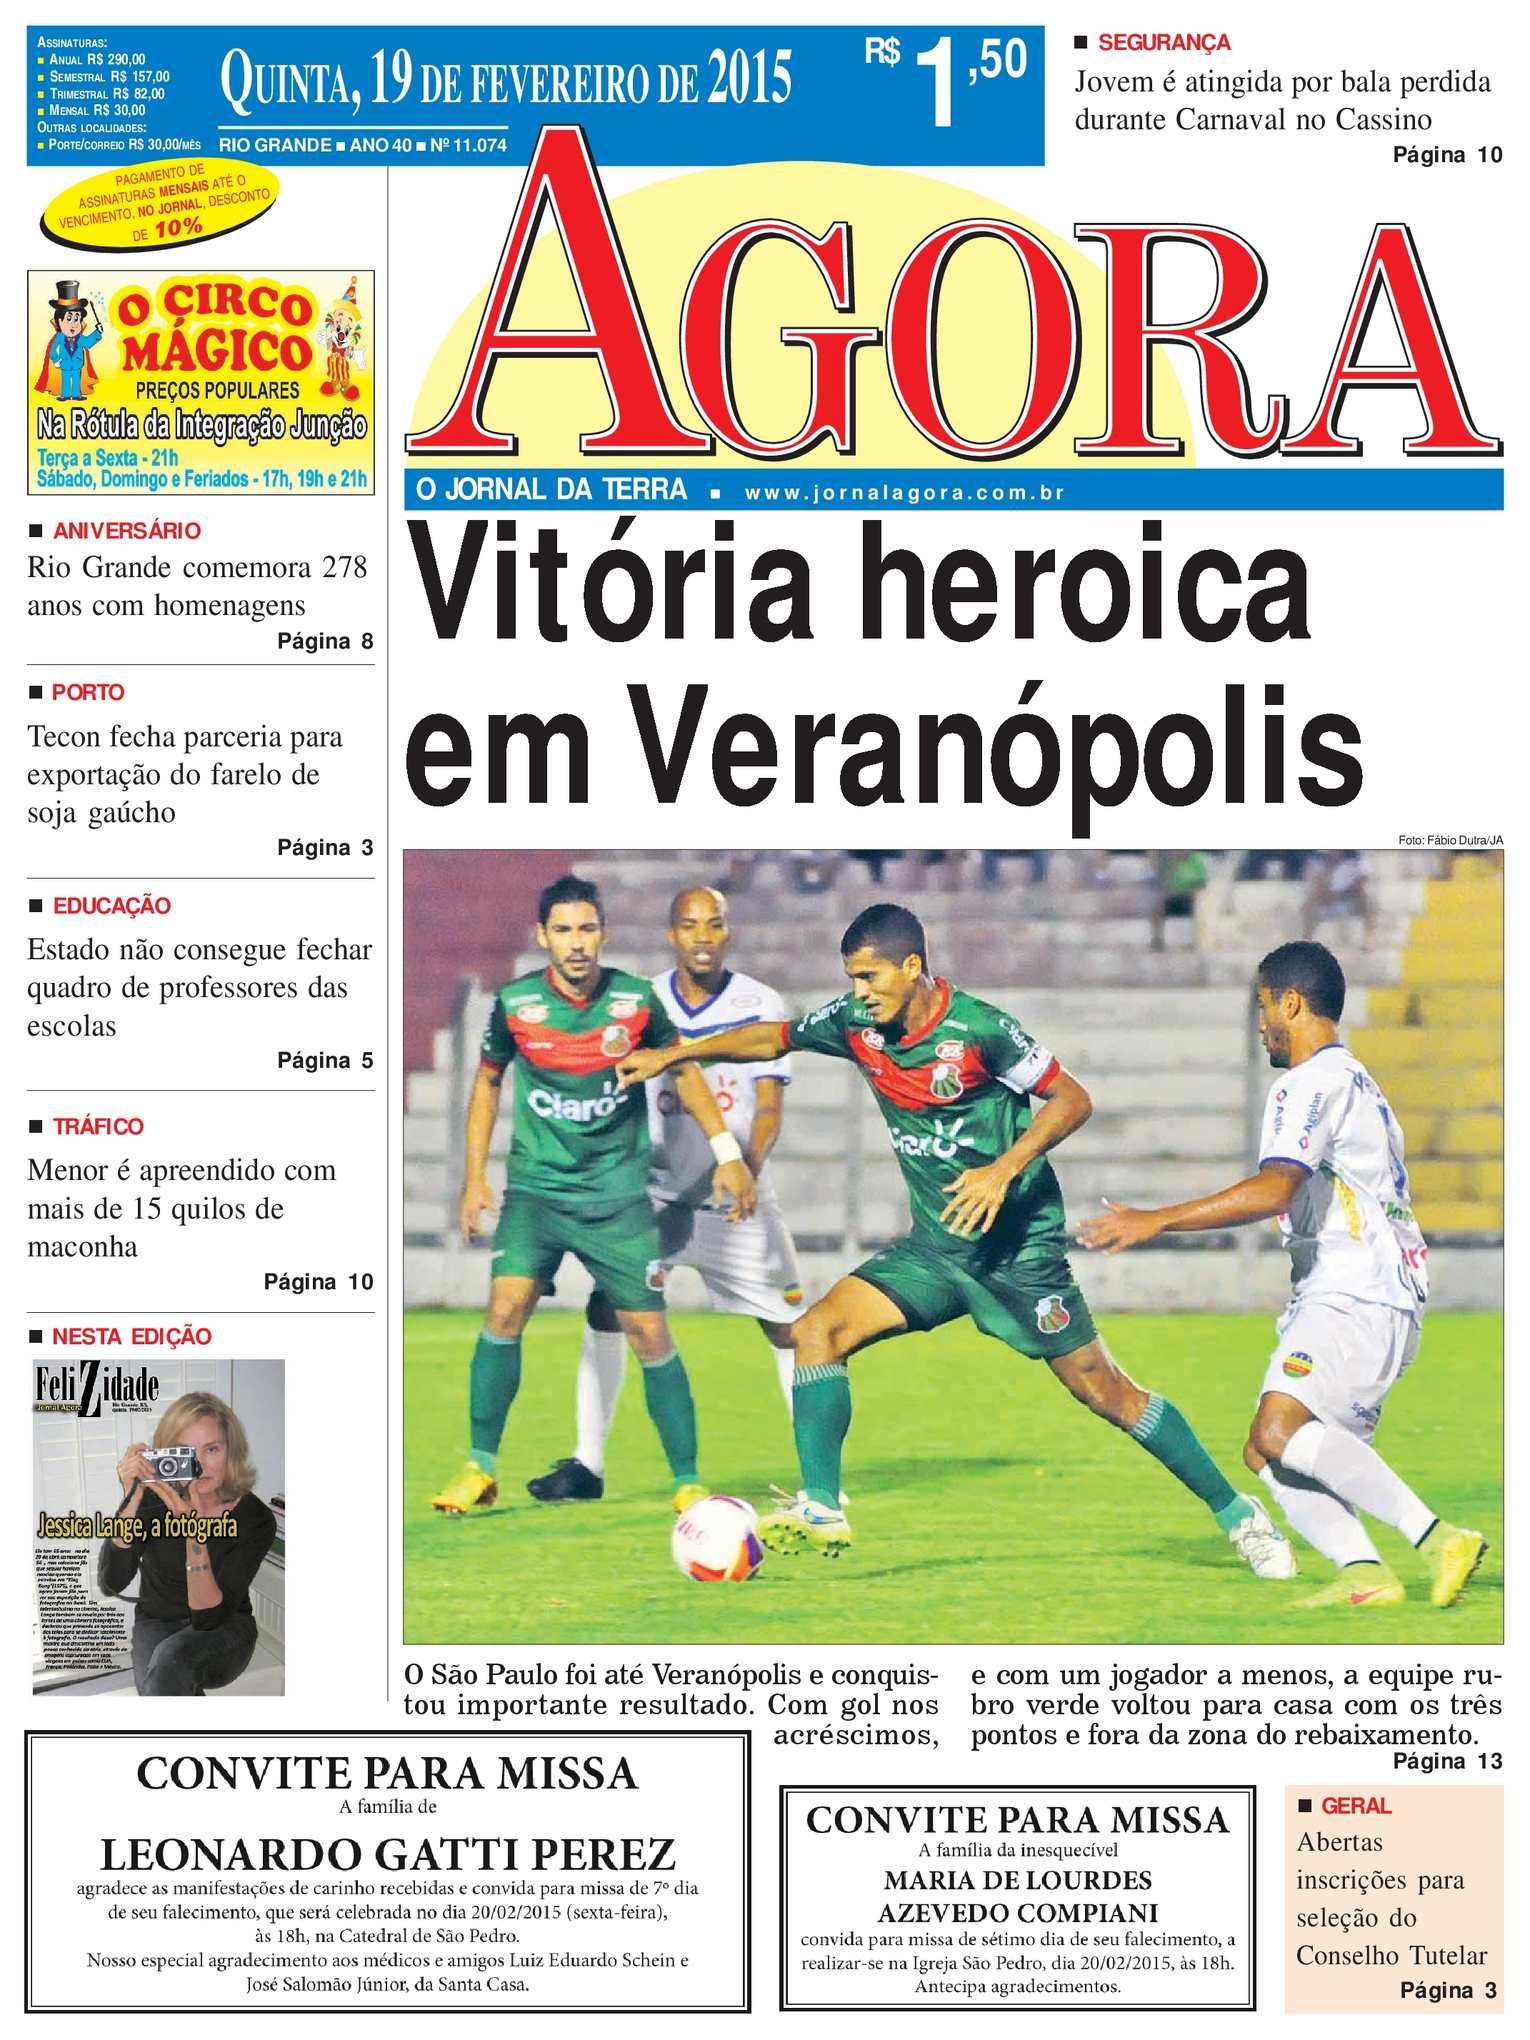 3c38a522c3637 Calaméo - Jornal Agora - Edição 11074 - 19 de Fevereiro de 2015